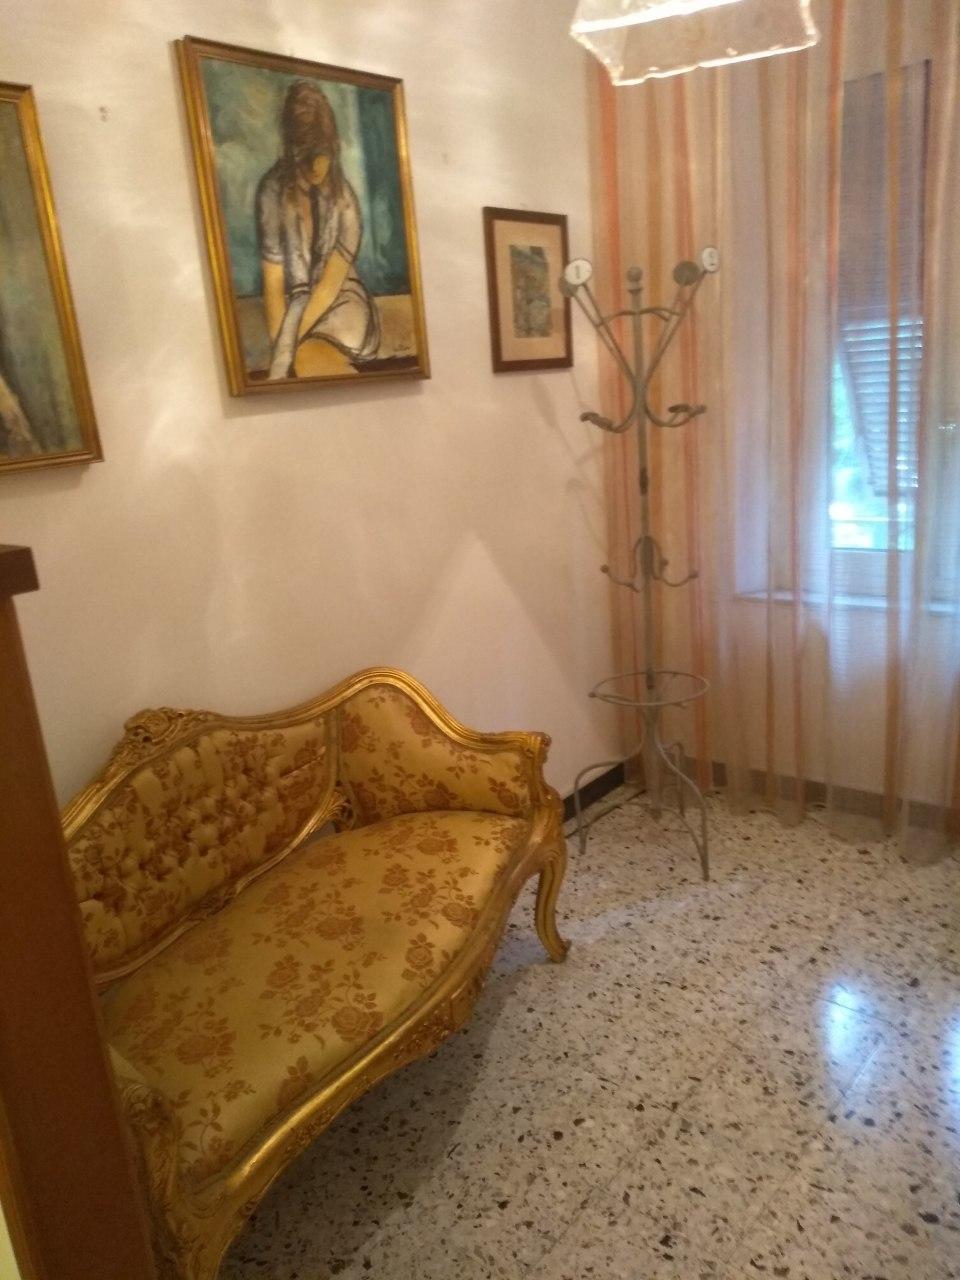 Attico / Mansarda in vendita a Sarzana, 6 locali, prezzo € 195.000 | PortaleAgenzieImmobiliari.it